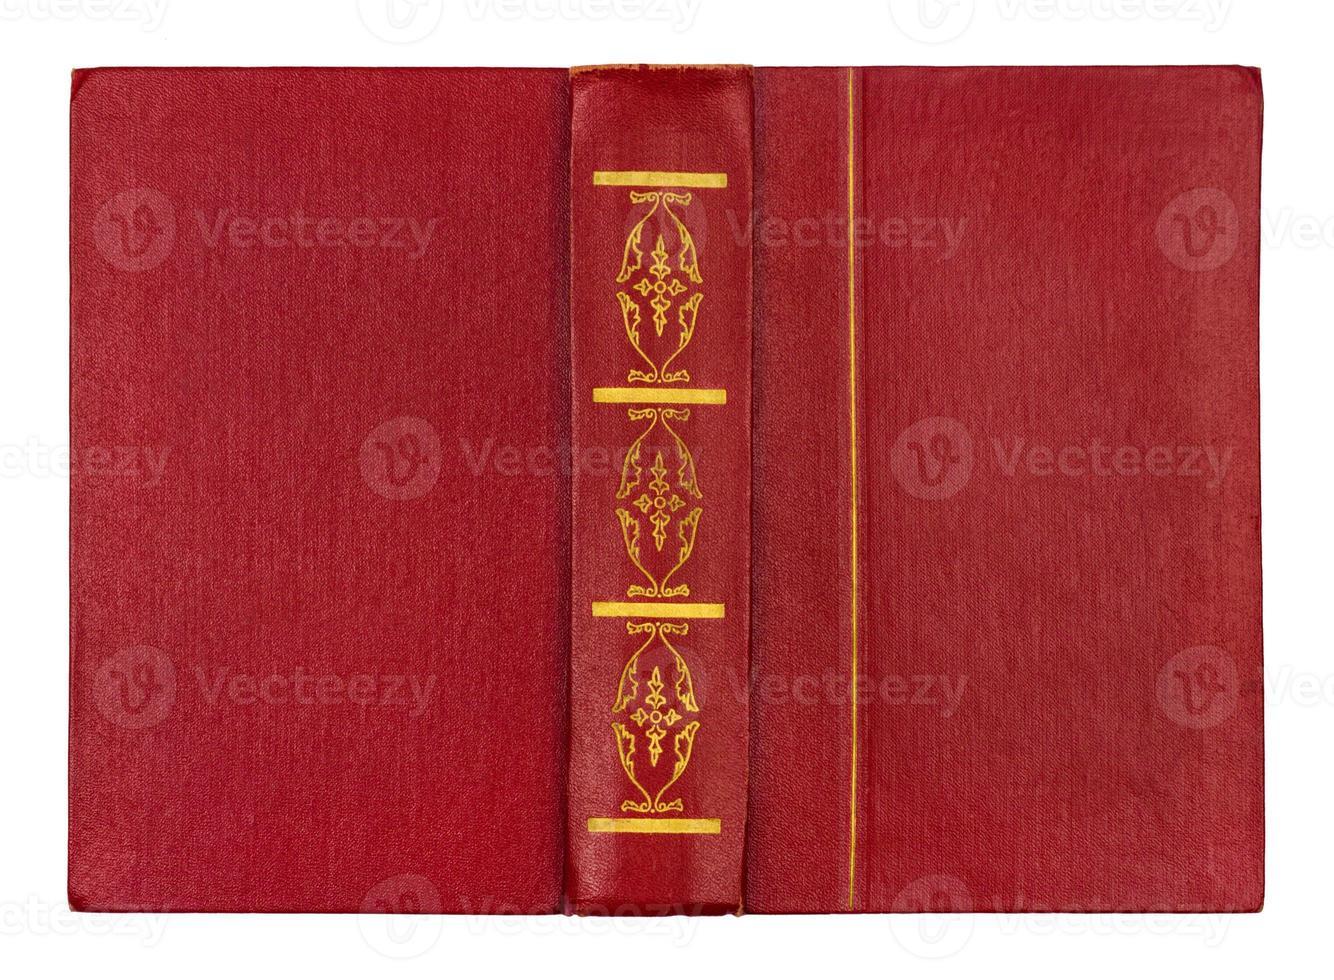 couverture de livre rouge ouvert vide isolé sur blanc photo